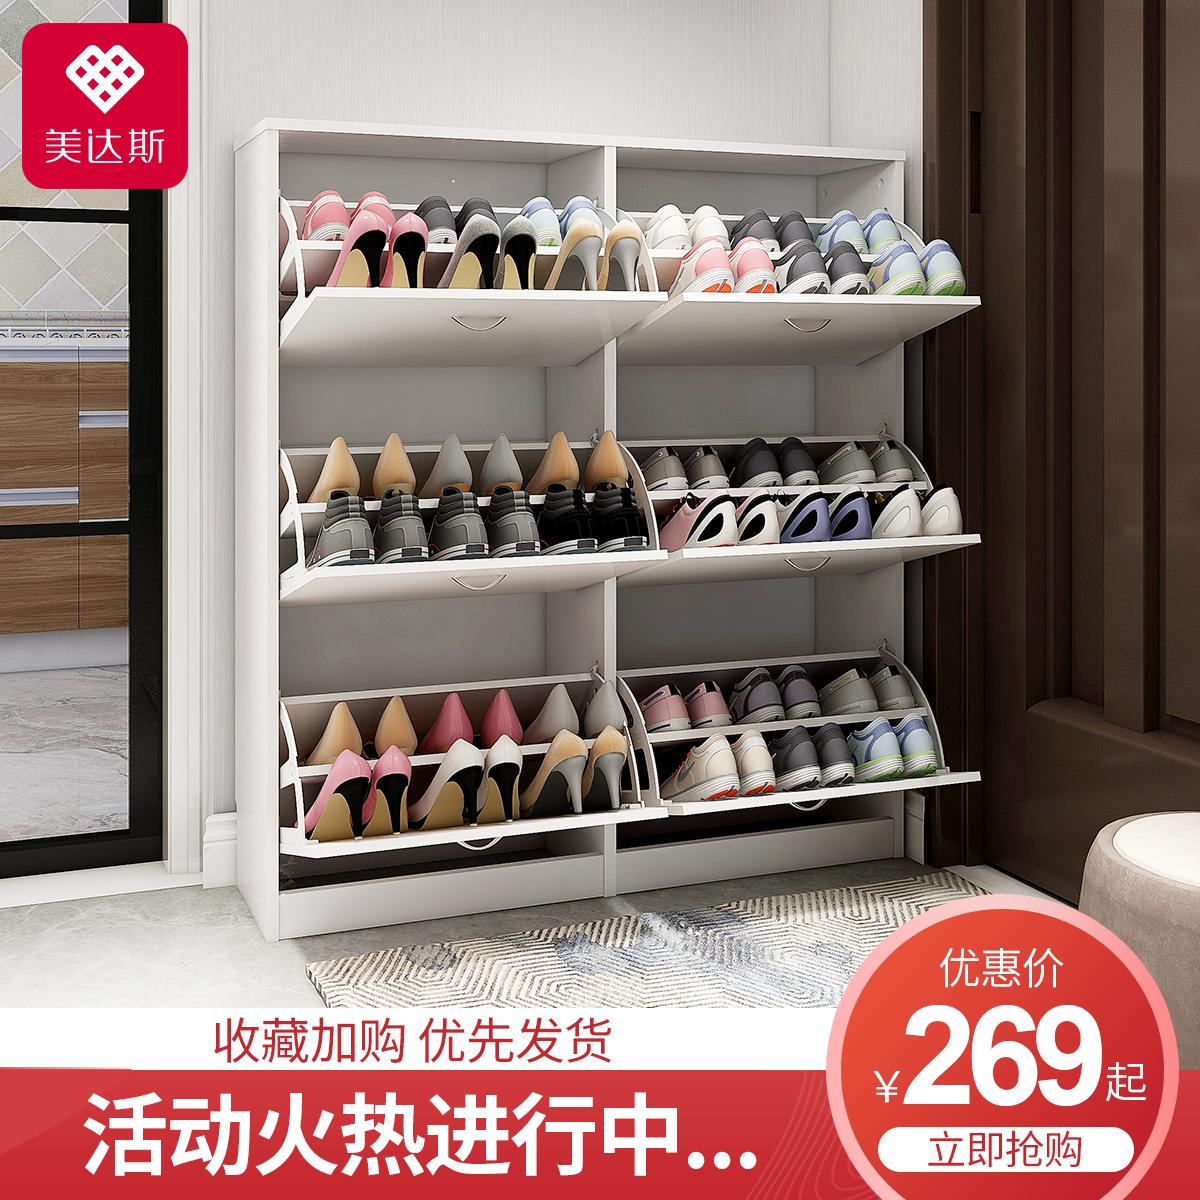 美达斯翻斗鞋柜简约玄关柜家用超薄门厅鞋柜大容量多功能门口鞋橱